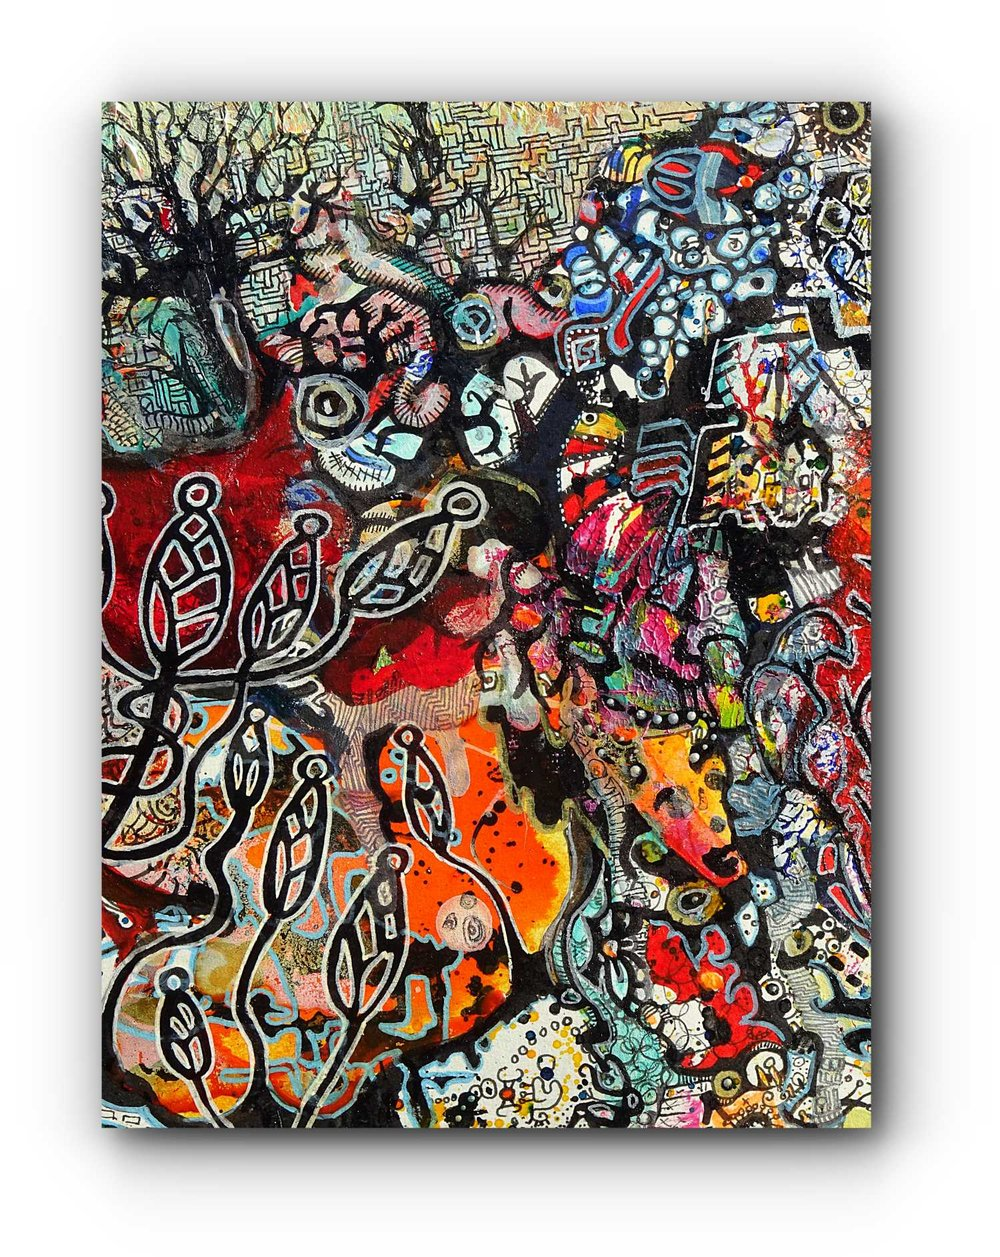 painting-detail-4-medeina-artist-duo-ingress-vortices.jpg